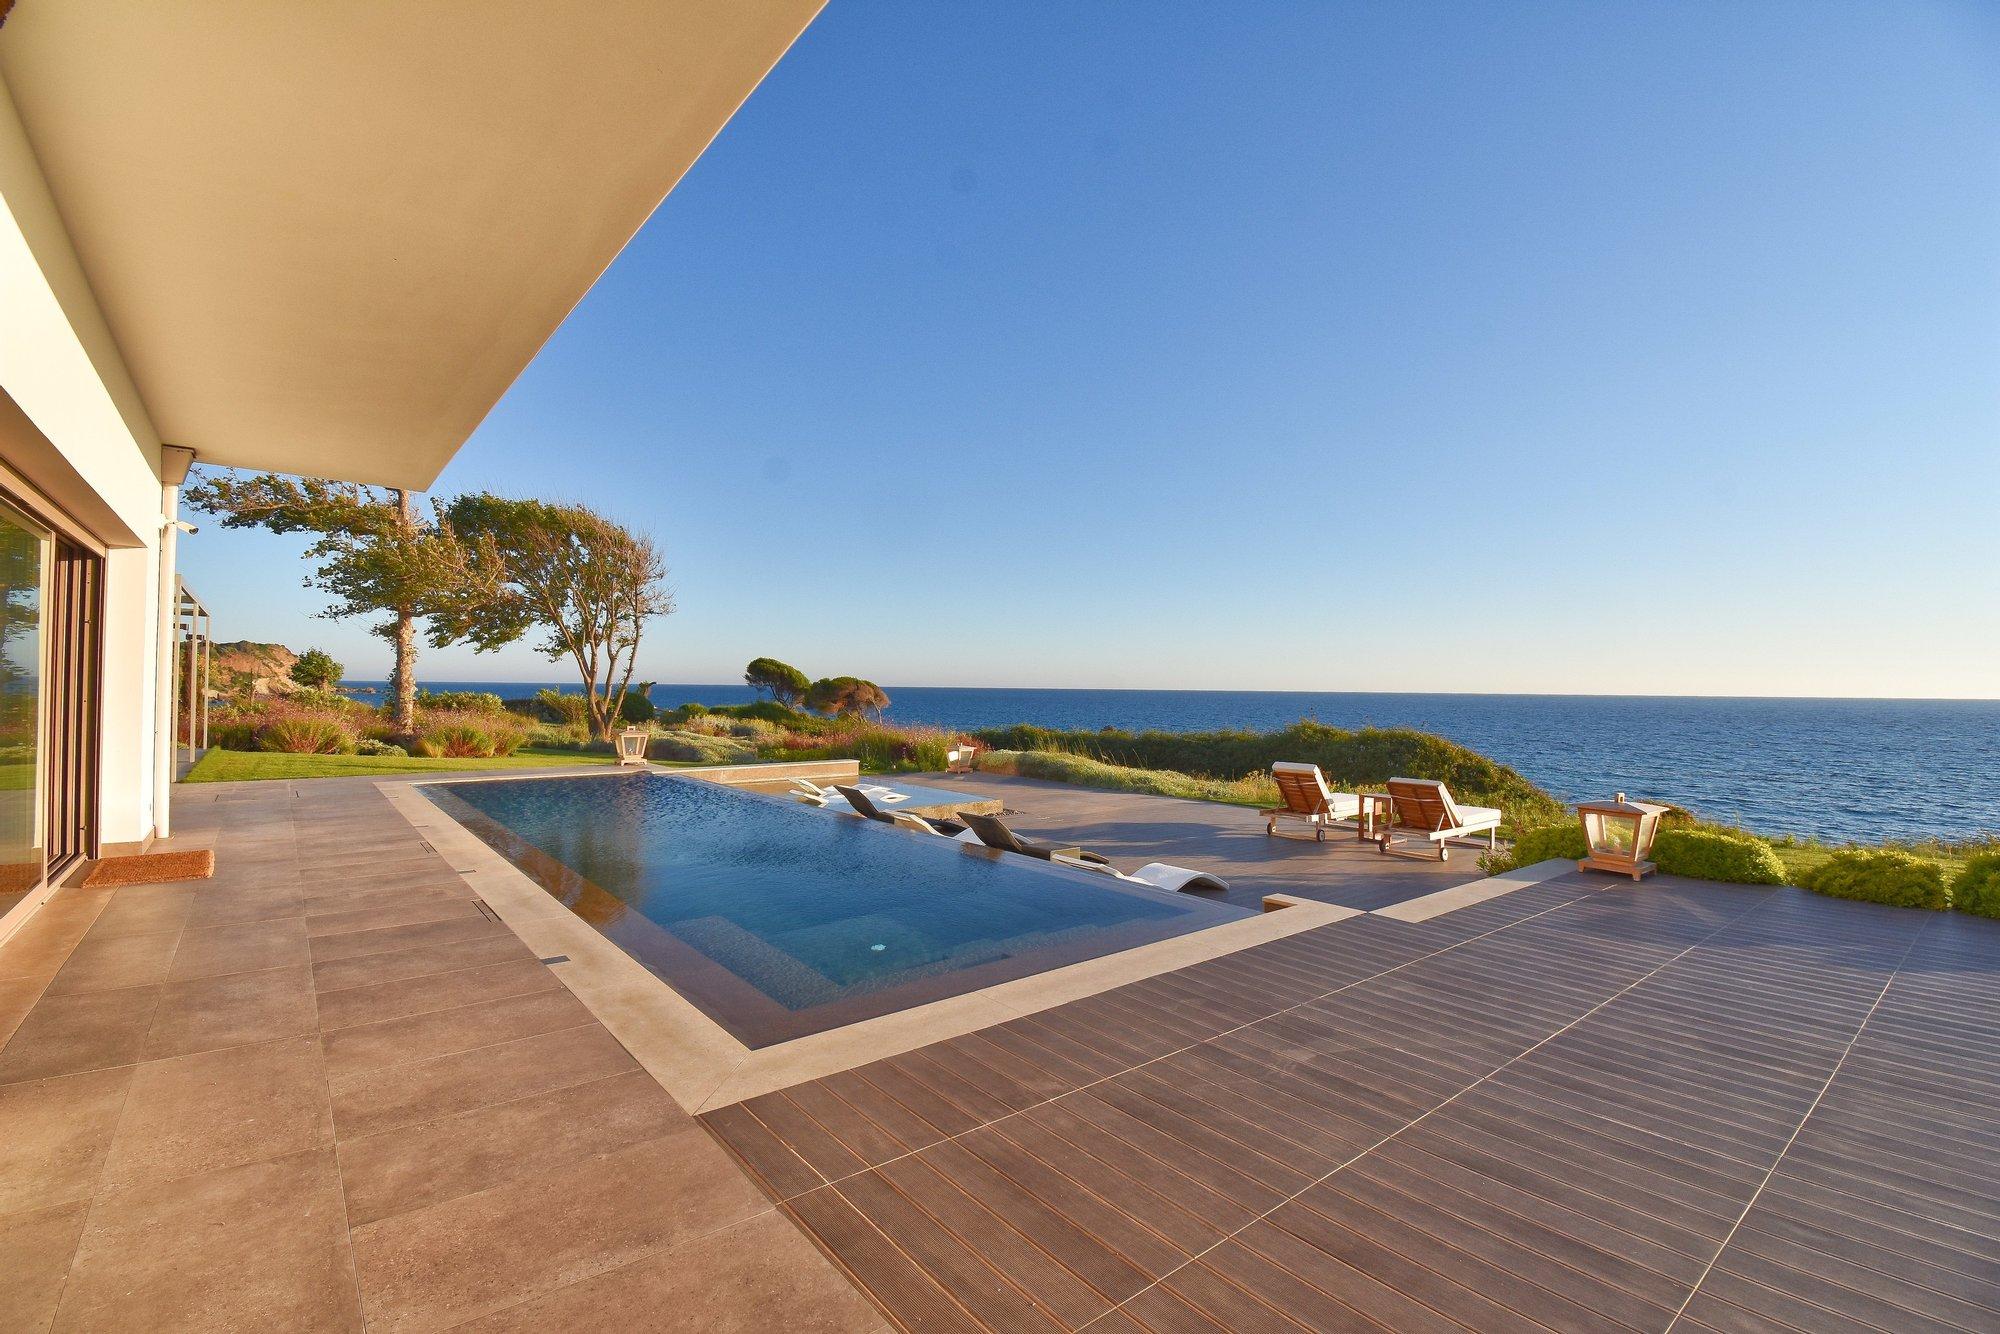 Haus in Griechenland 1